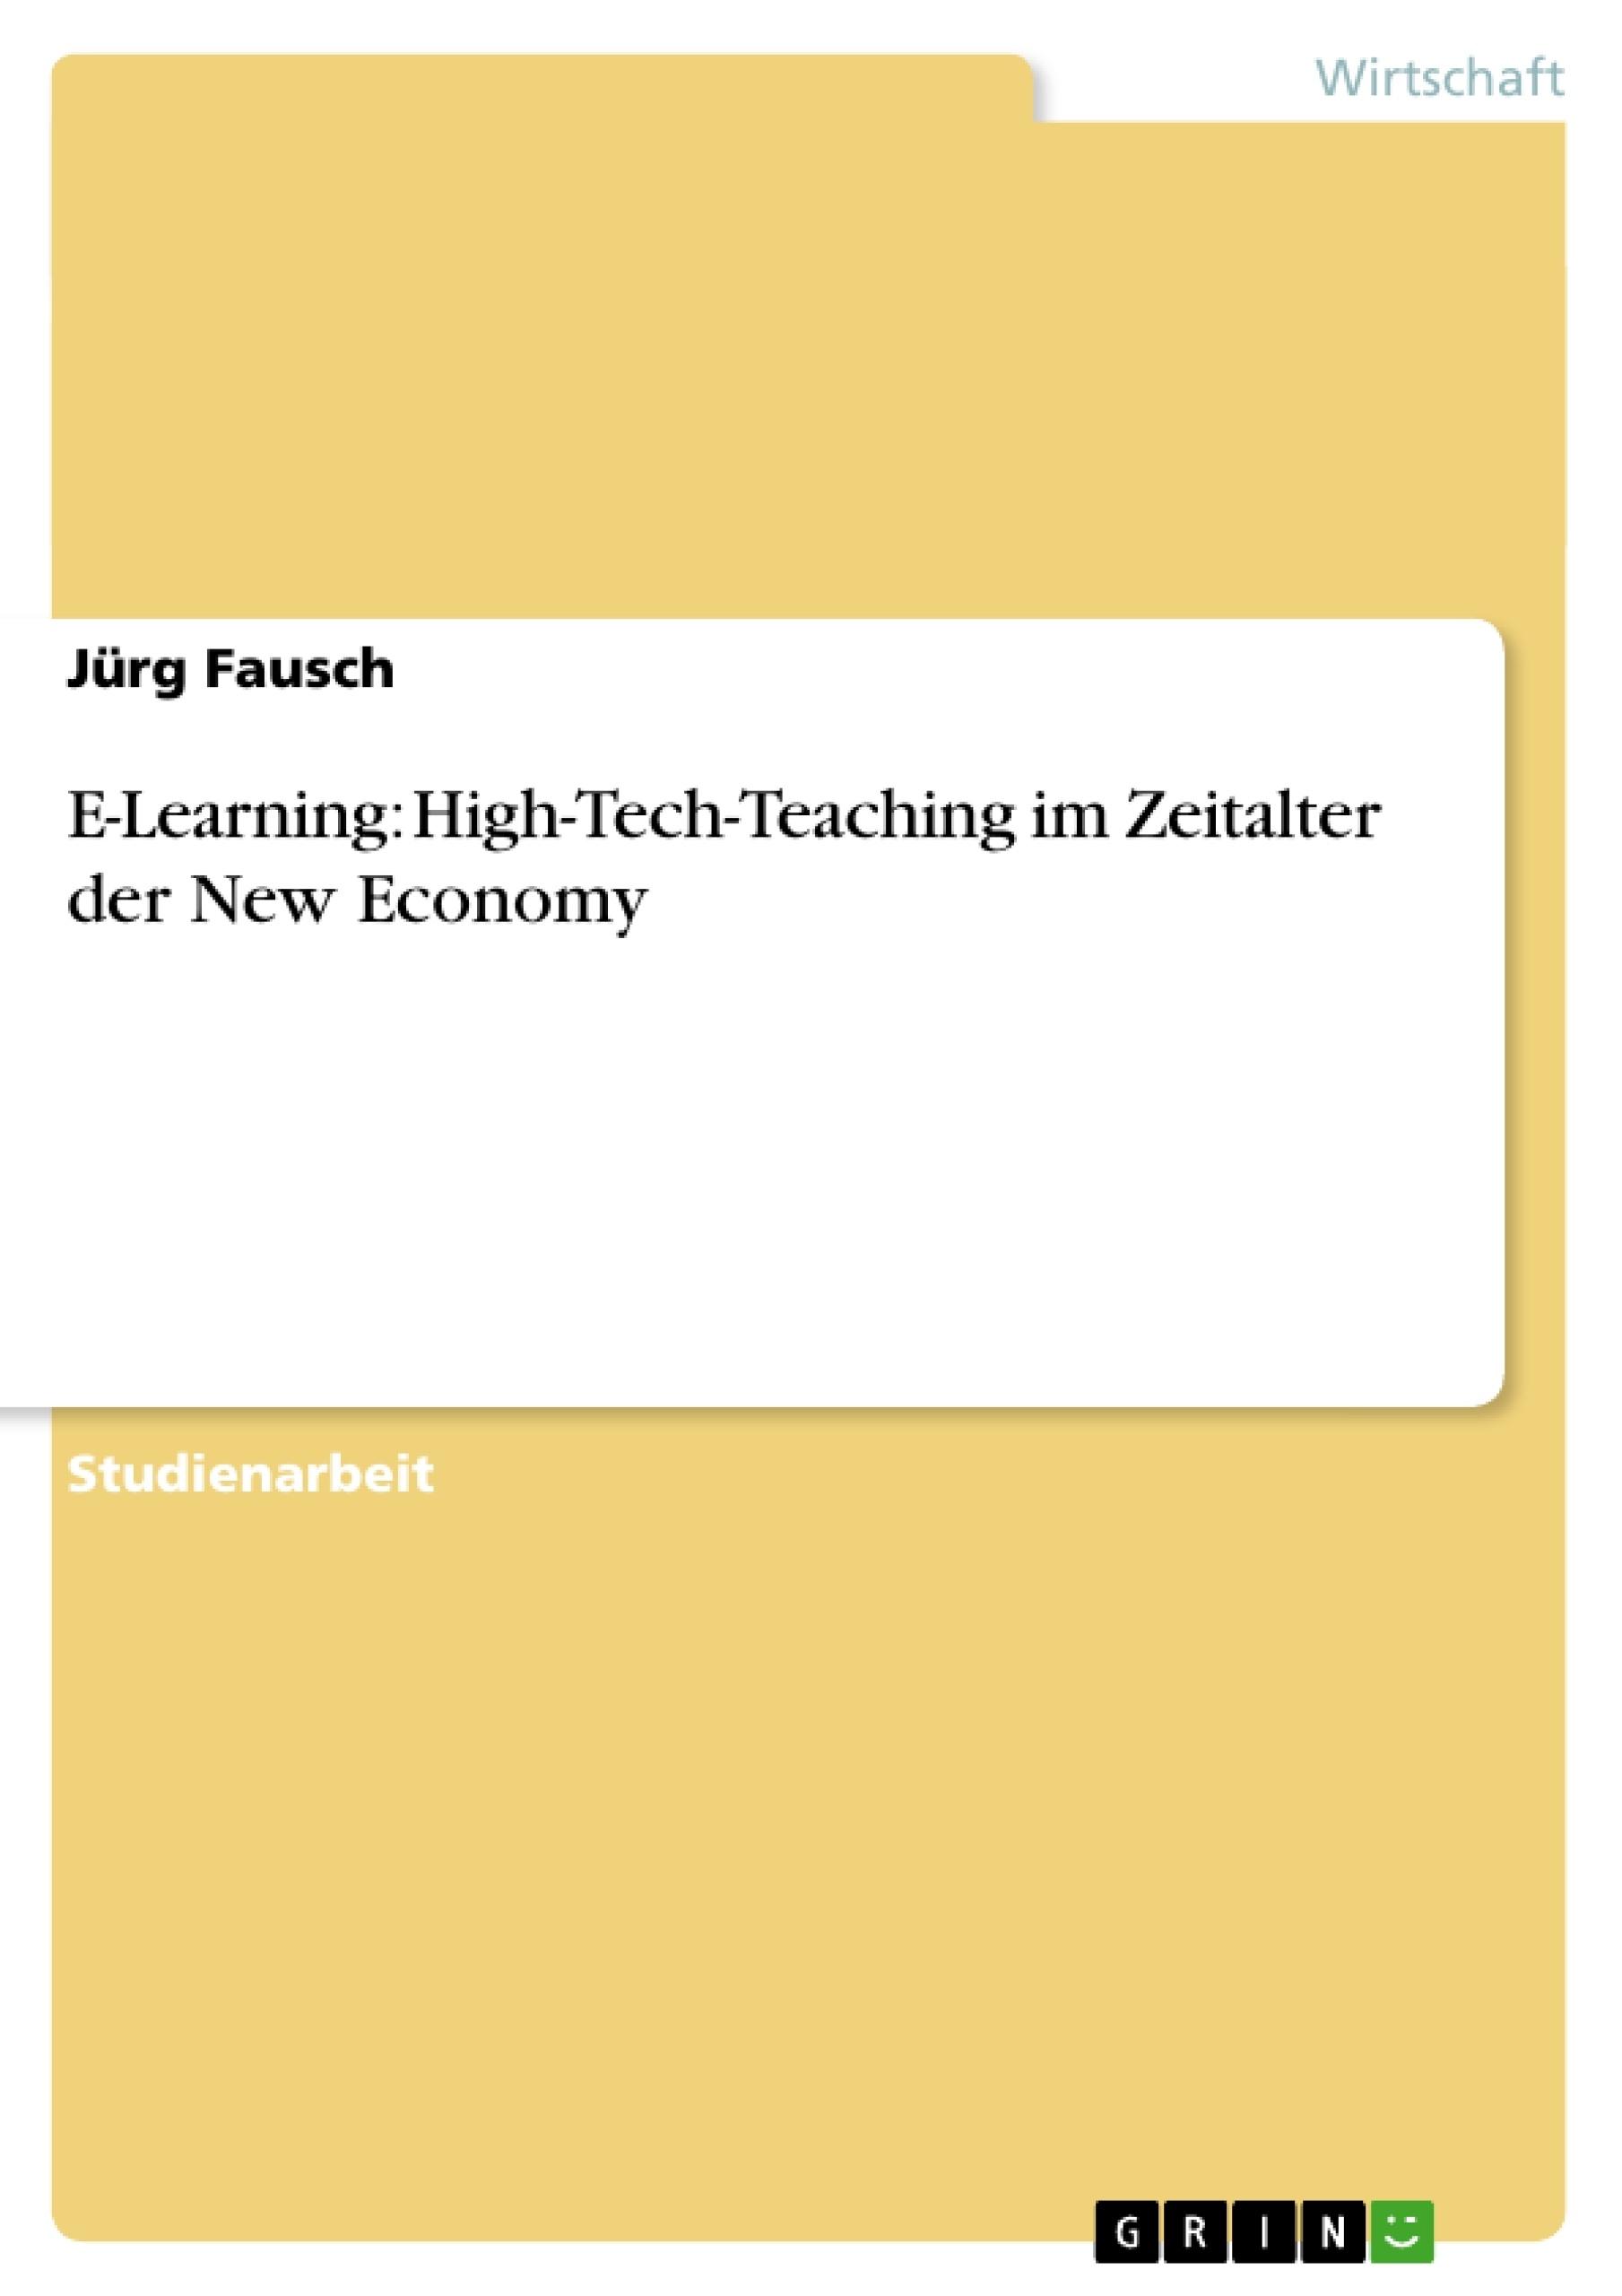 Titel: E-Learning: High-Tech-Teaching im Zeitalter der New Economy